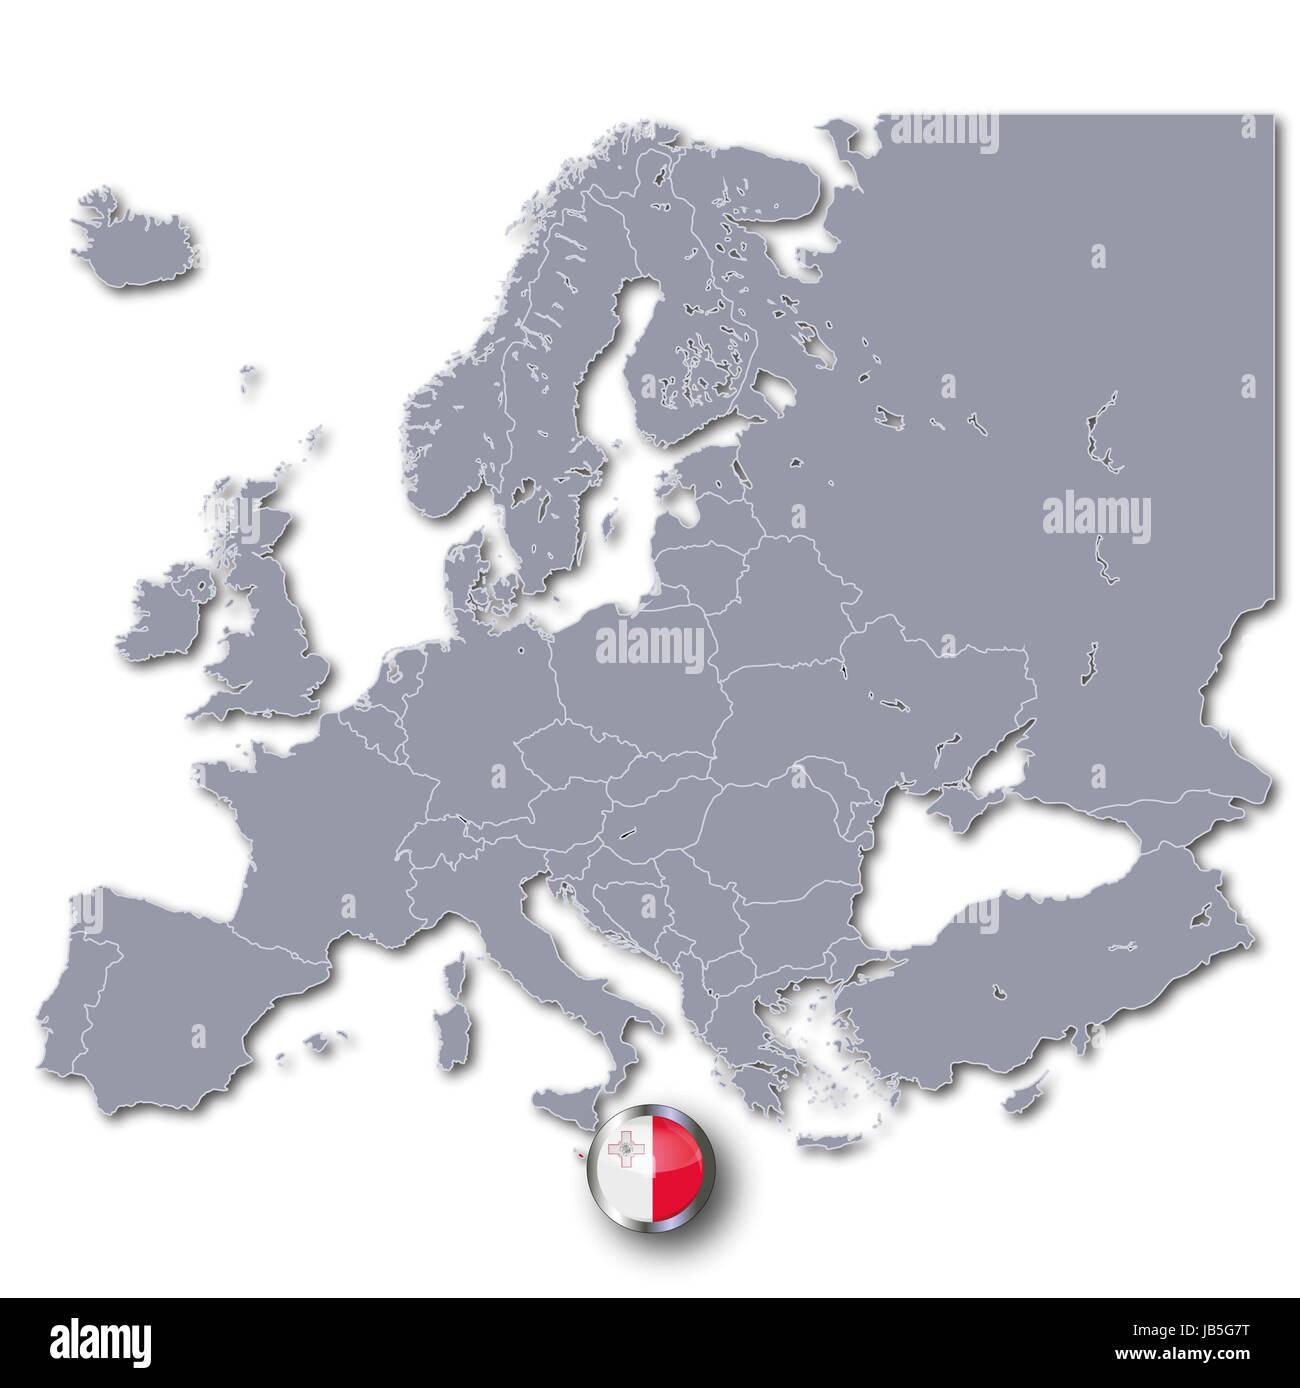 Isola Di Malta Cartina Geografica.Mappa Di Europa Con Malta Foto Stock Alamy